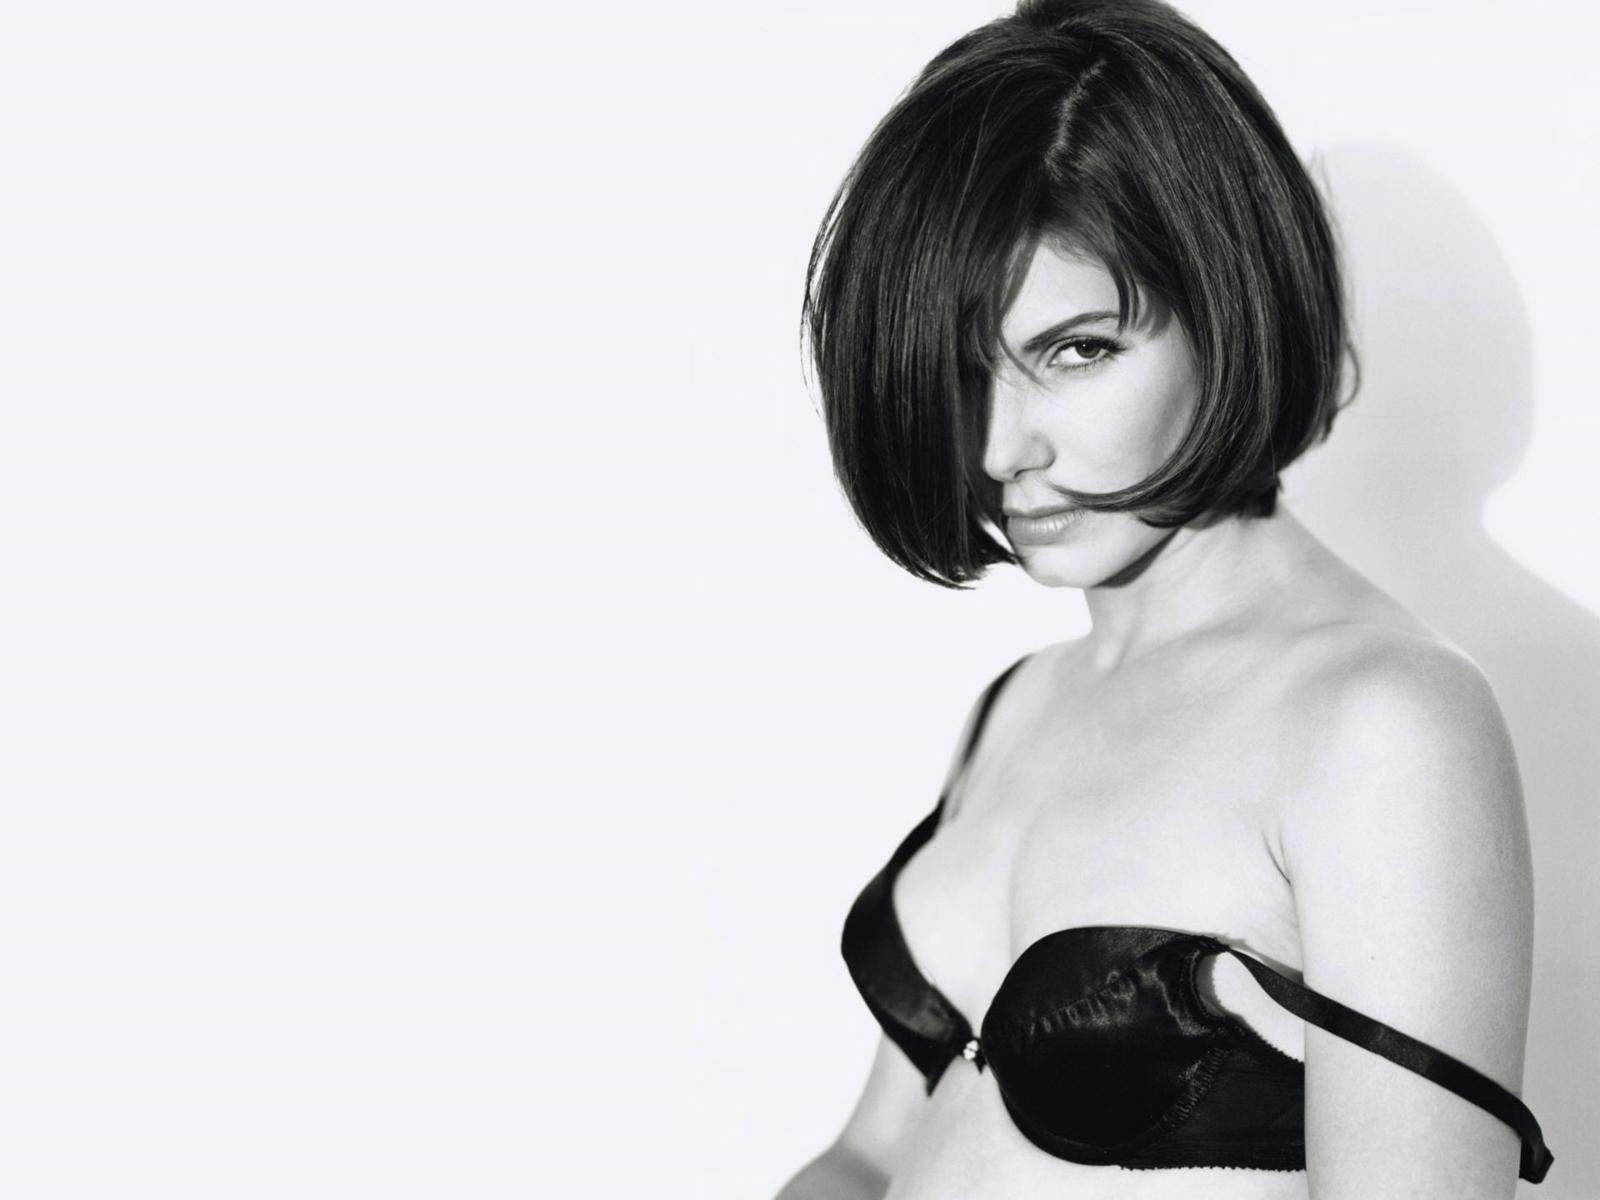 http://3.bp.blogspot.com/-szYGNciEGv8/Tow74U7PBYI/AAAAAAAAAKc/d61tDiMWuog/s1600/Sandra_Bullock_Wallpapers_photoshoot%2B%25281%2529.jpg